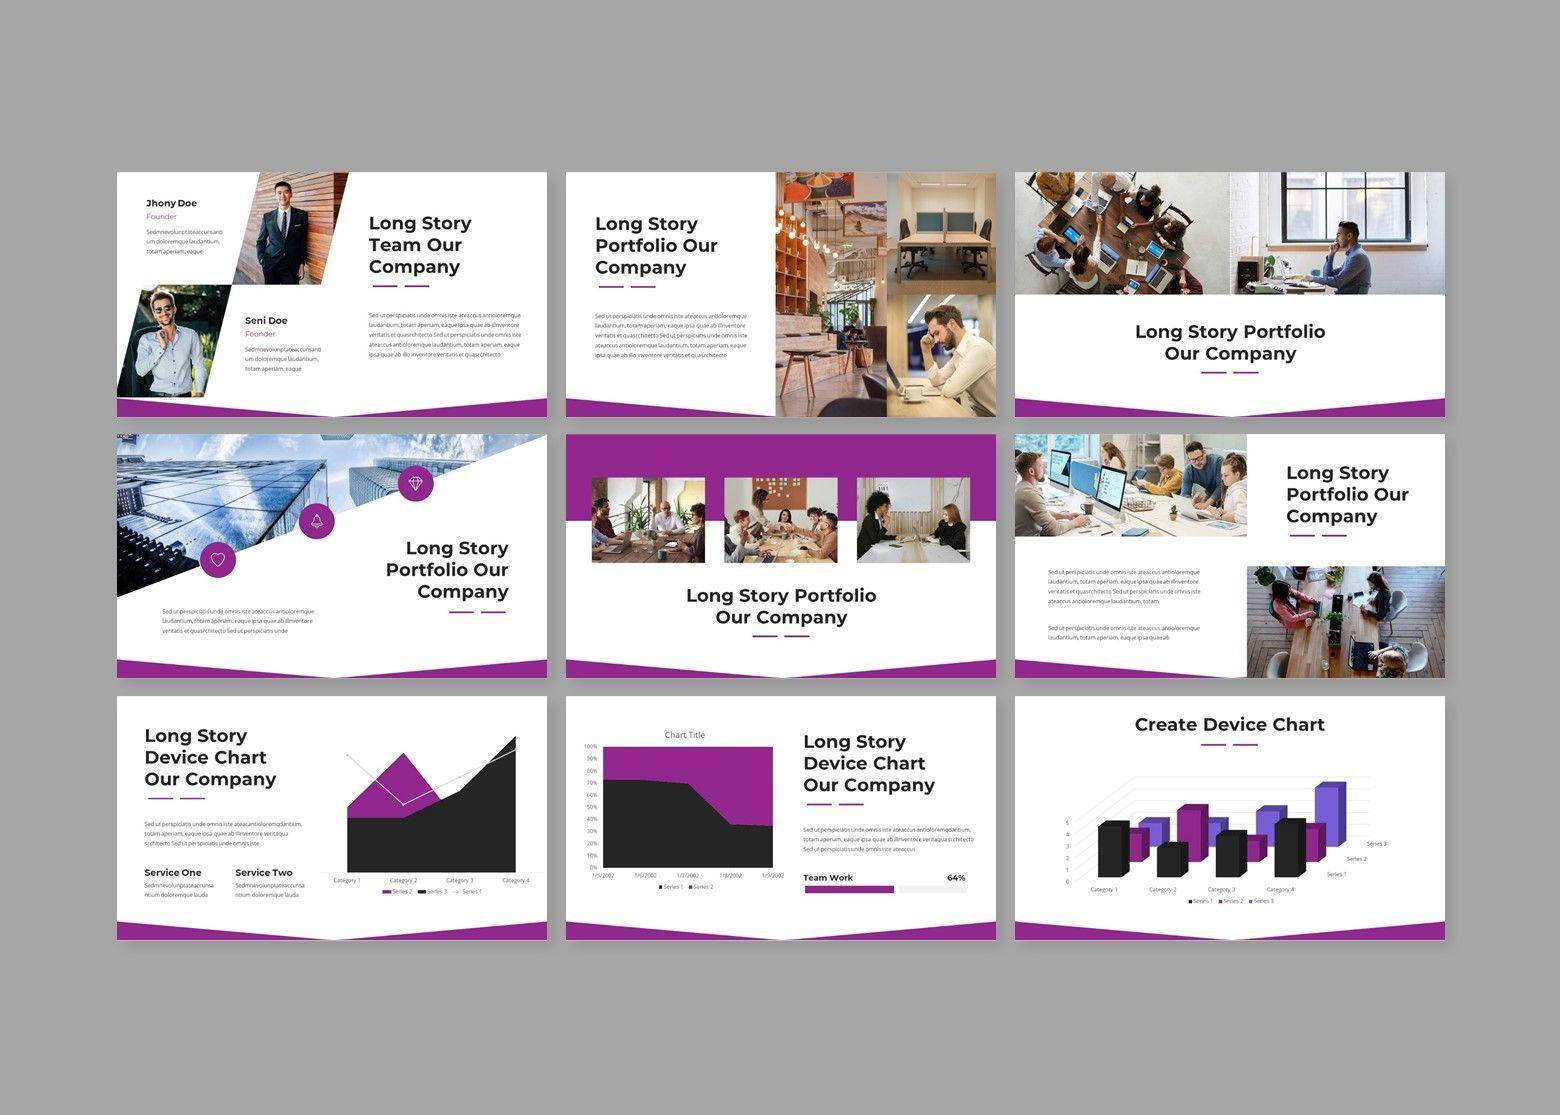 Woless Business PowerPoint Template, Slide 4, 08121, Business Models — PoweredTemplate.com